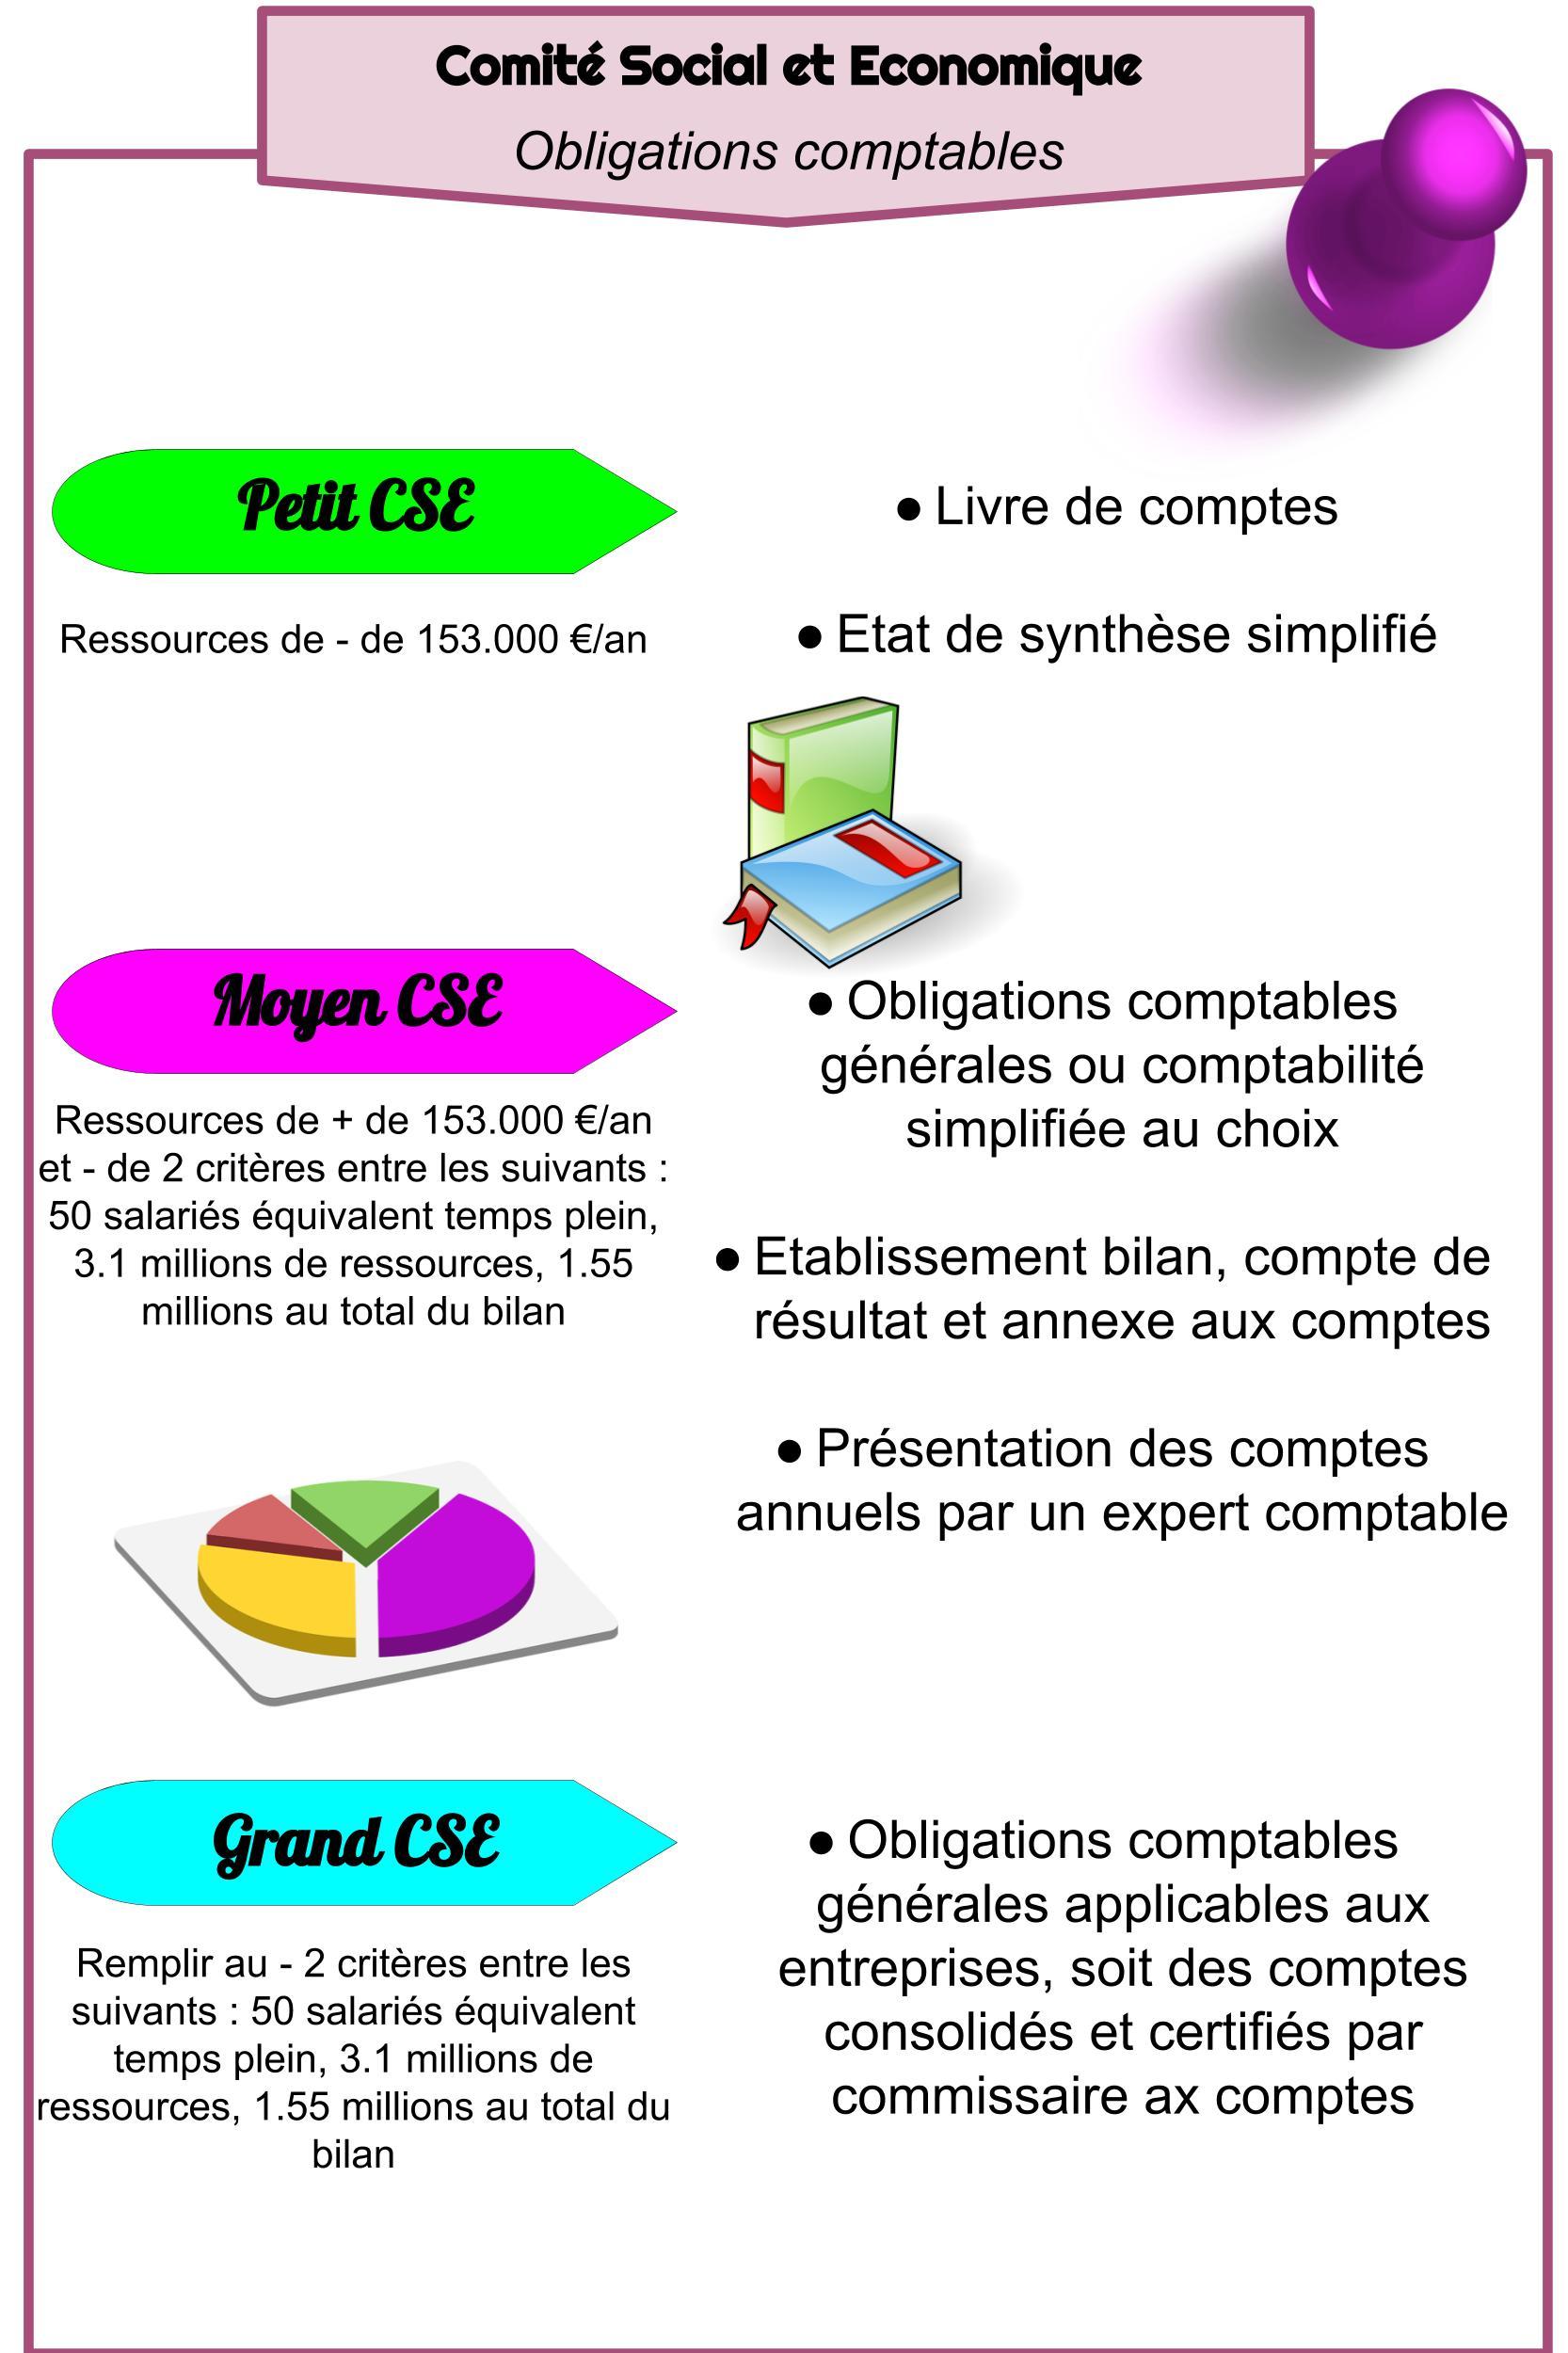 CSE - Obligations comptables